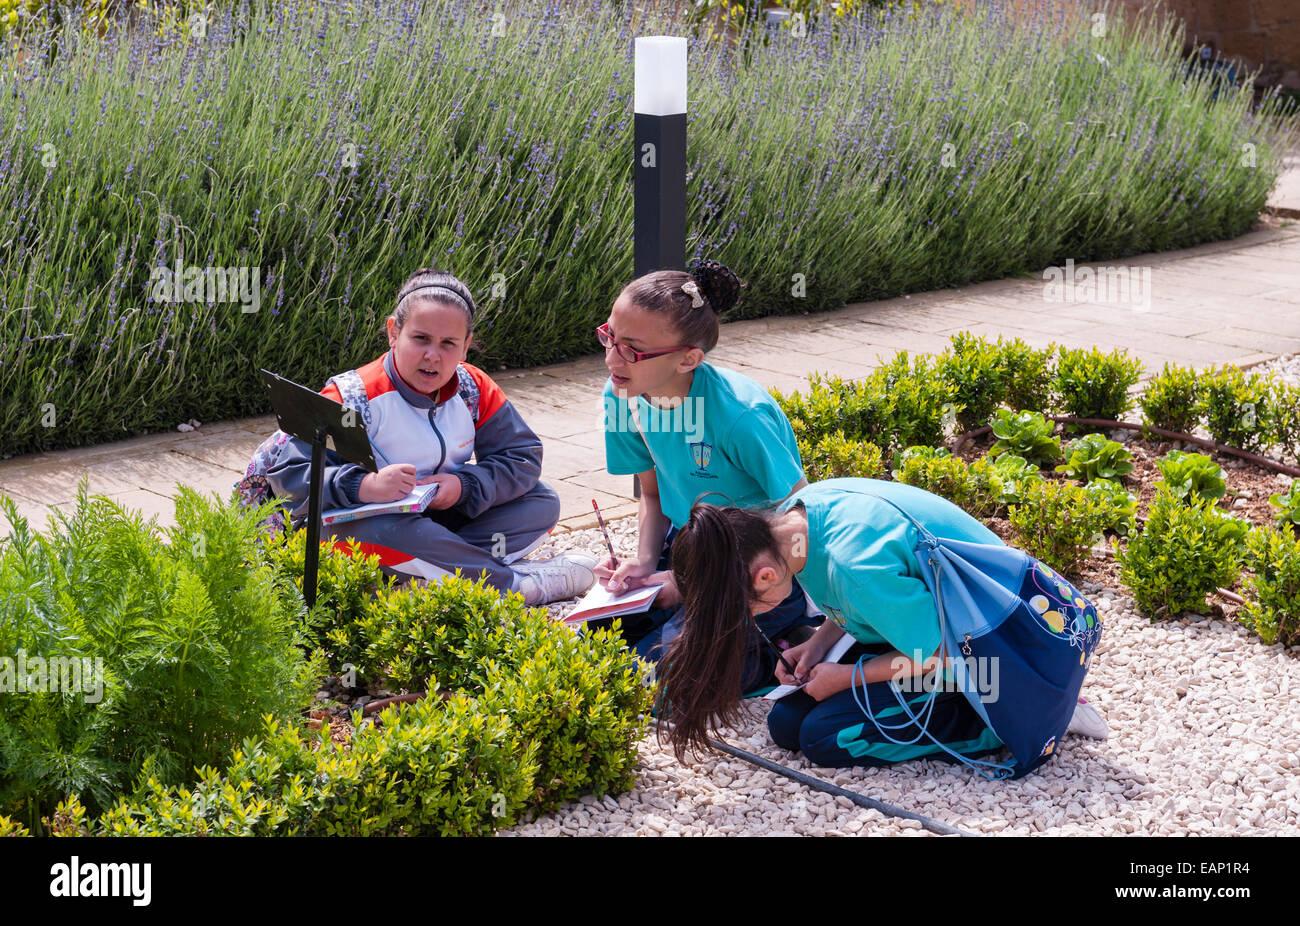 Der Präsident Küchengarten, Attard, Malta. Schülerinnen und Schüler auf eine Studienreise Botanik Stockbild